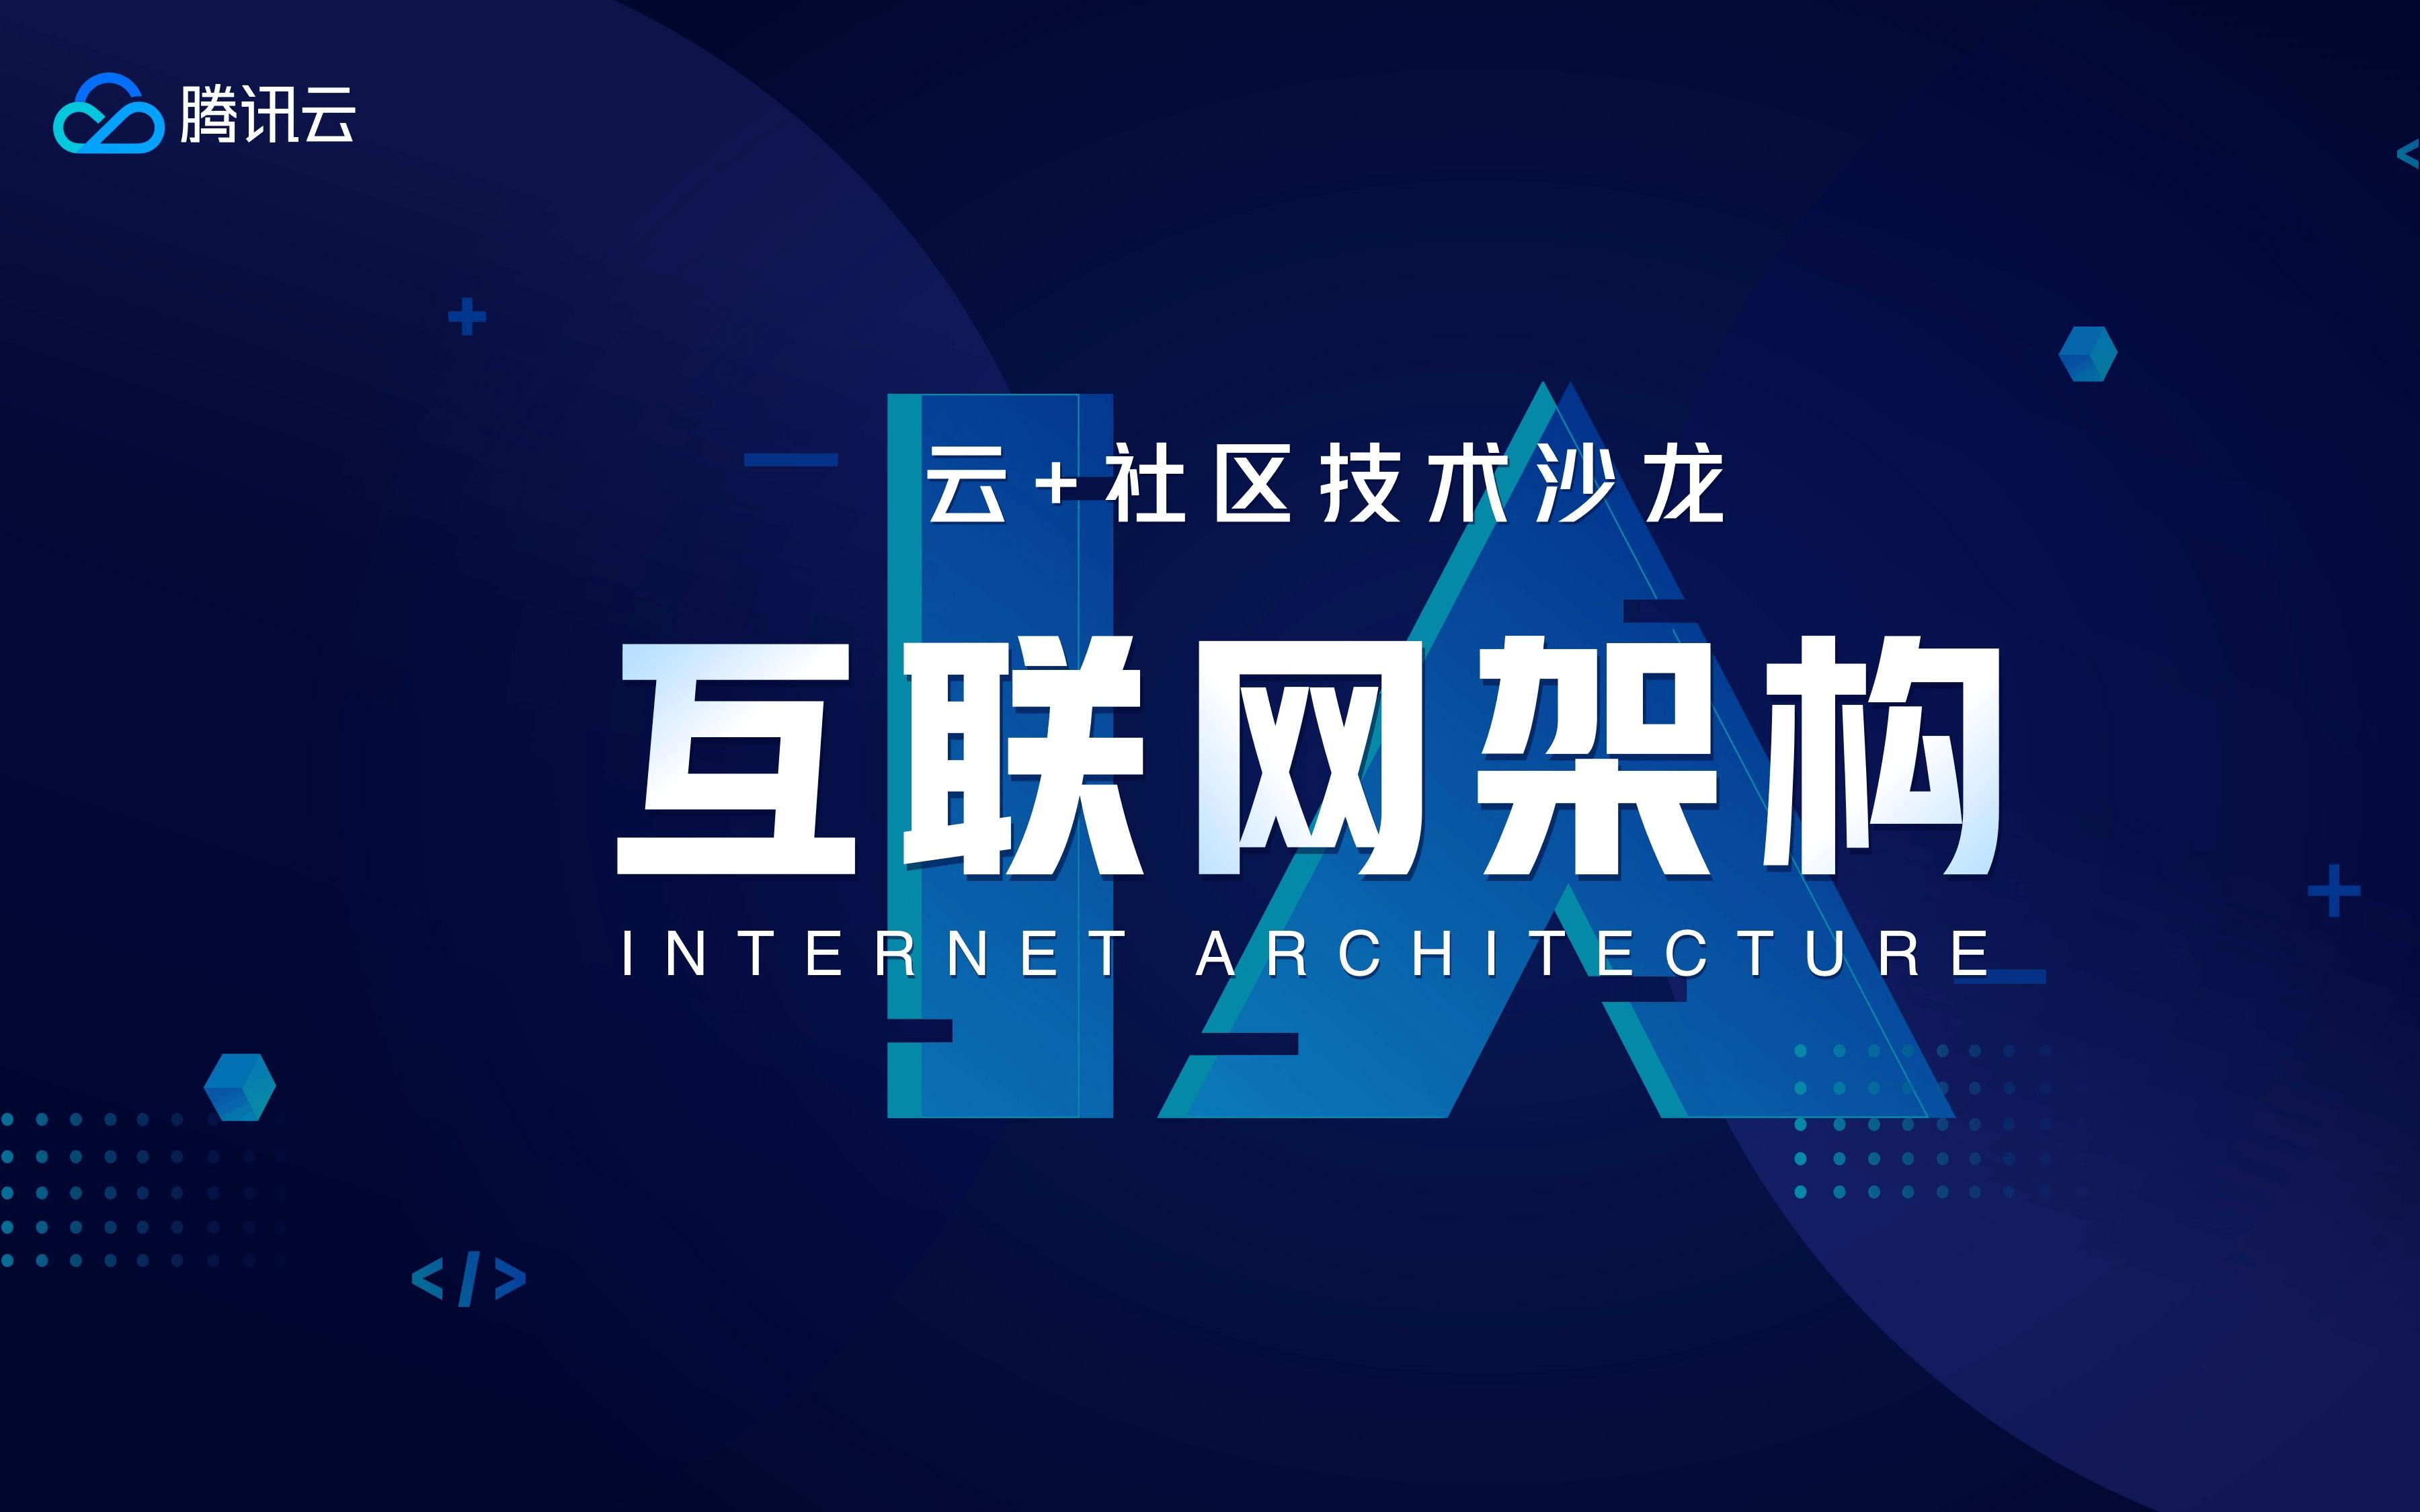 云+社区技术沙龙-互联网架构2019(深圳)